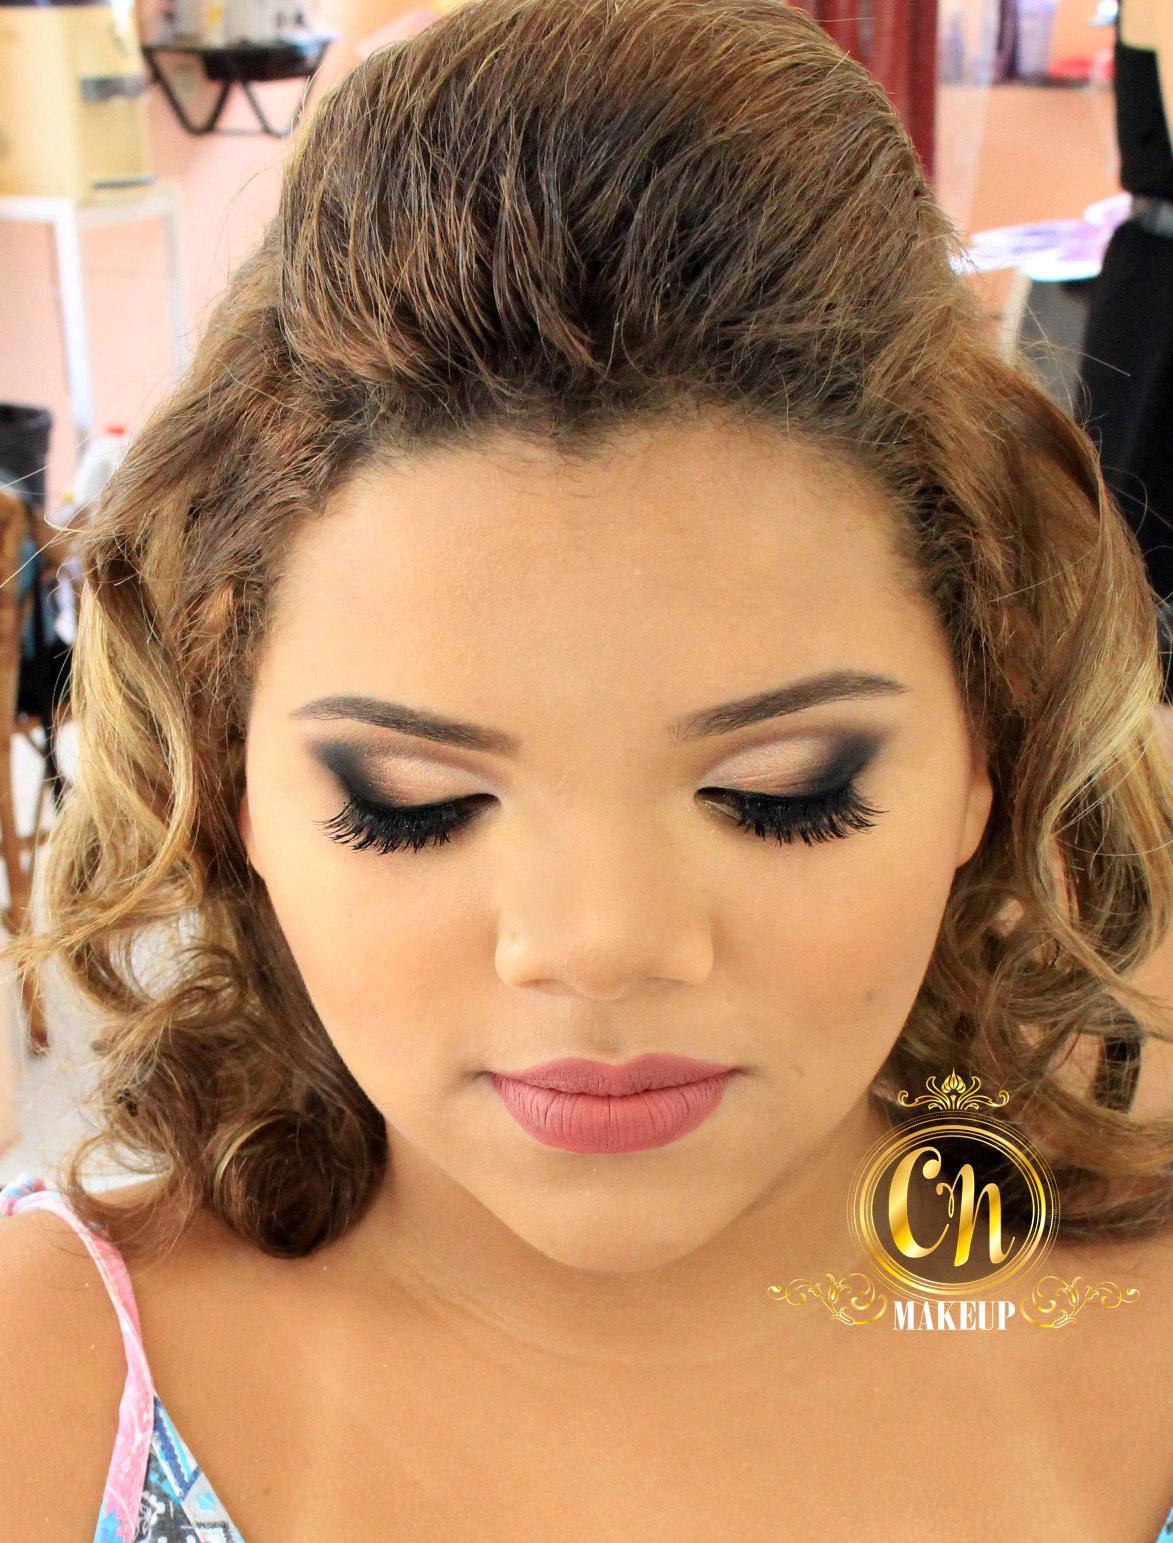 Maquiagem arrasadora para formatura! Neutra e poderosa! #formatura #maquiagem #maquiagemousada #olhotudo #maquiagemneutra maquiagem maquiador(a)